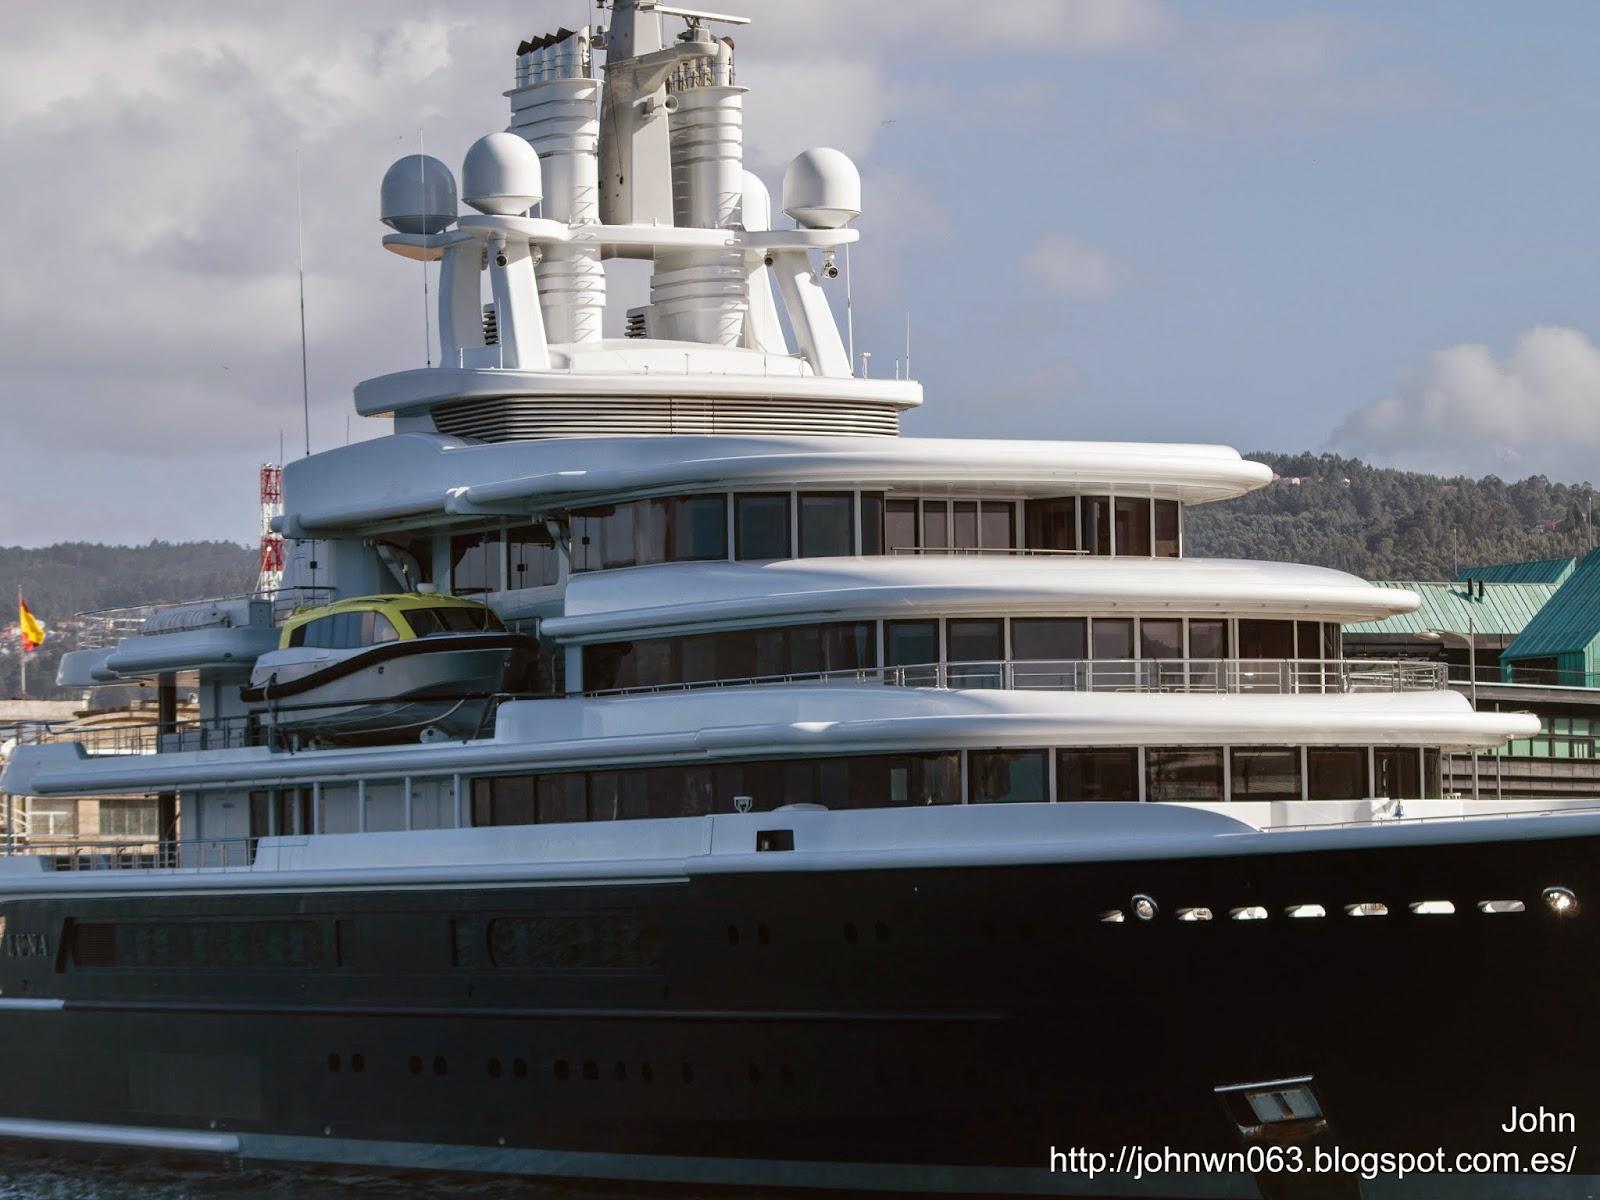 fotos de barcos, imagenes de barcos, megayate, luna, celebrity eclipse, vigo